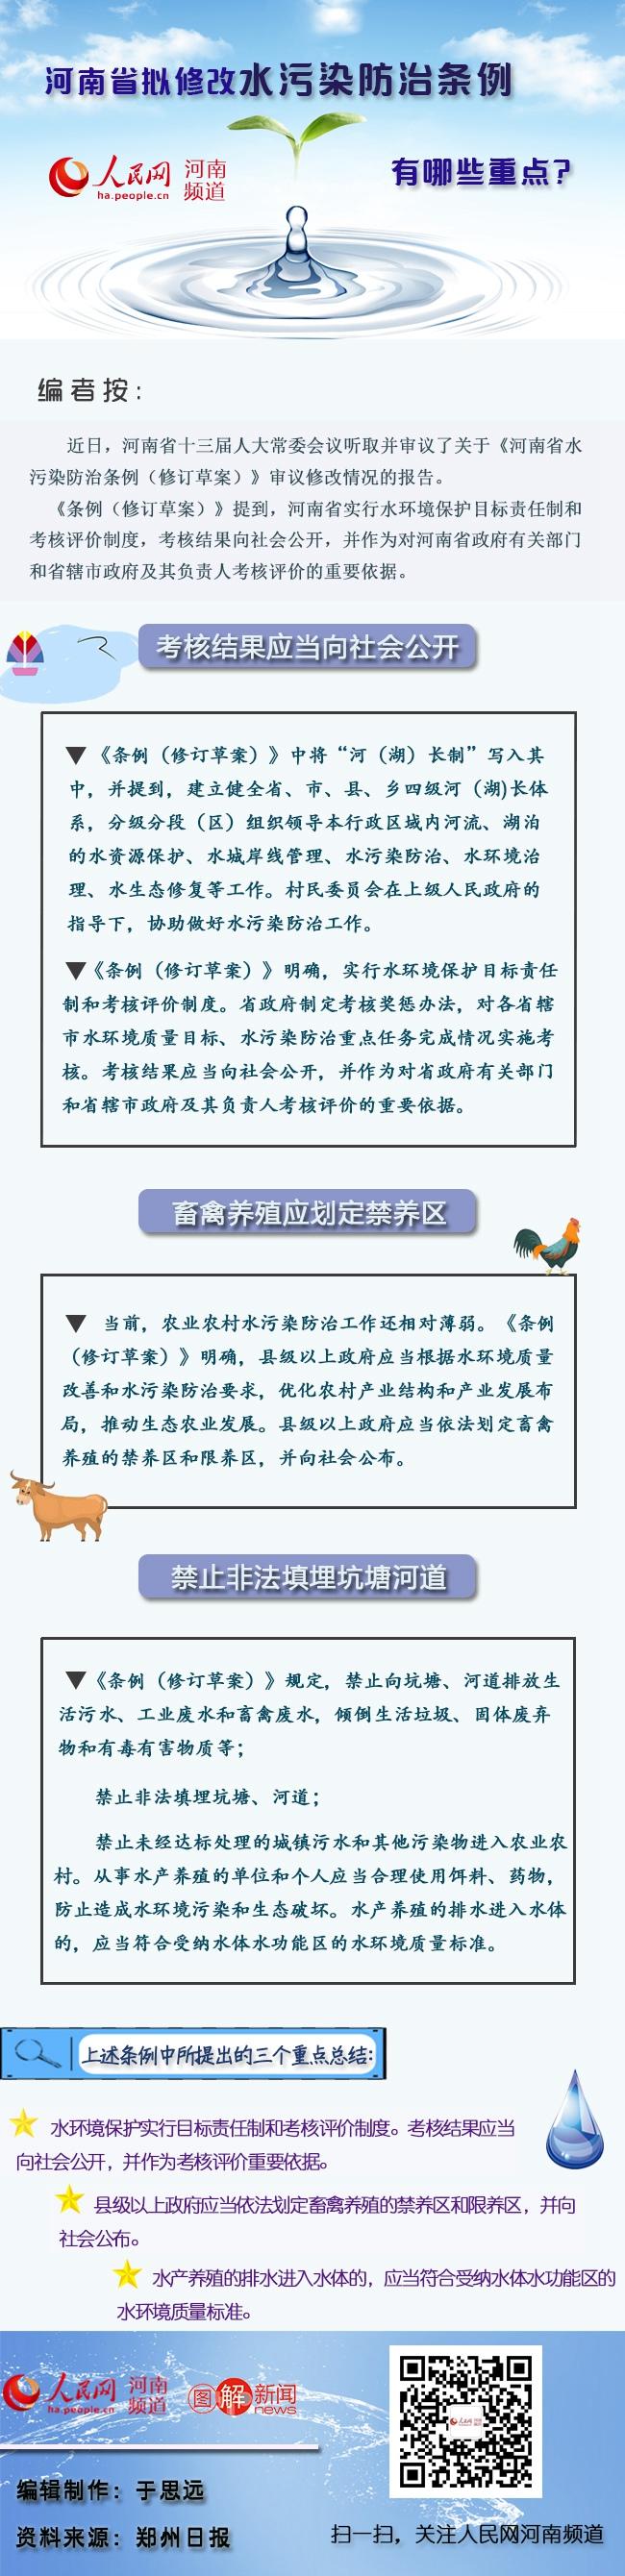 【图解】河南拟修改水污染防治条例 有哪些重点?